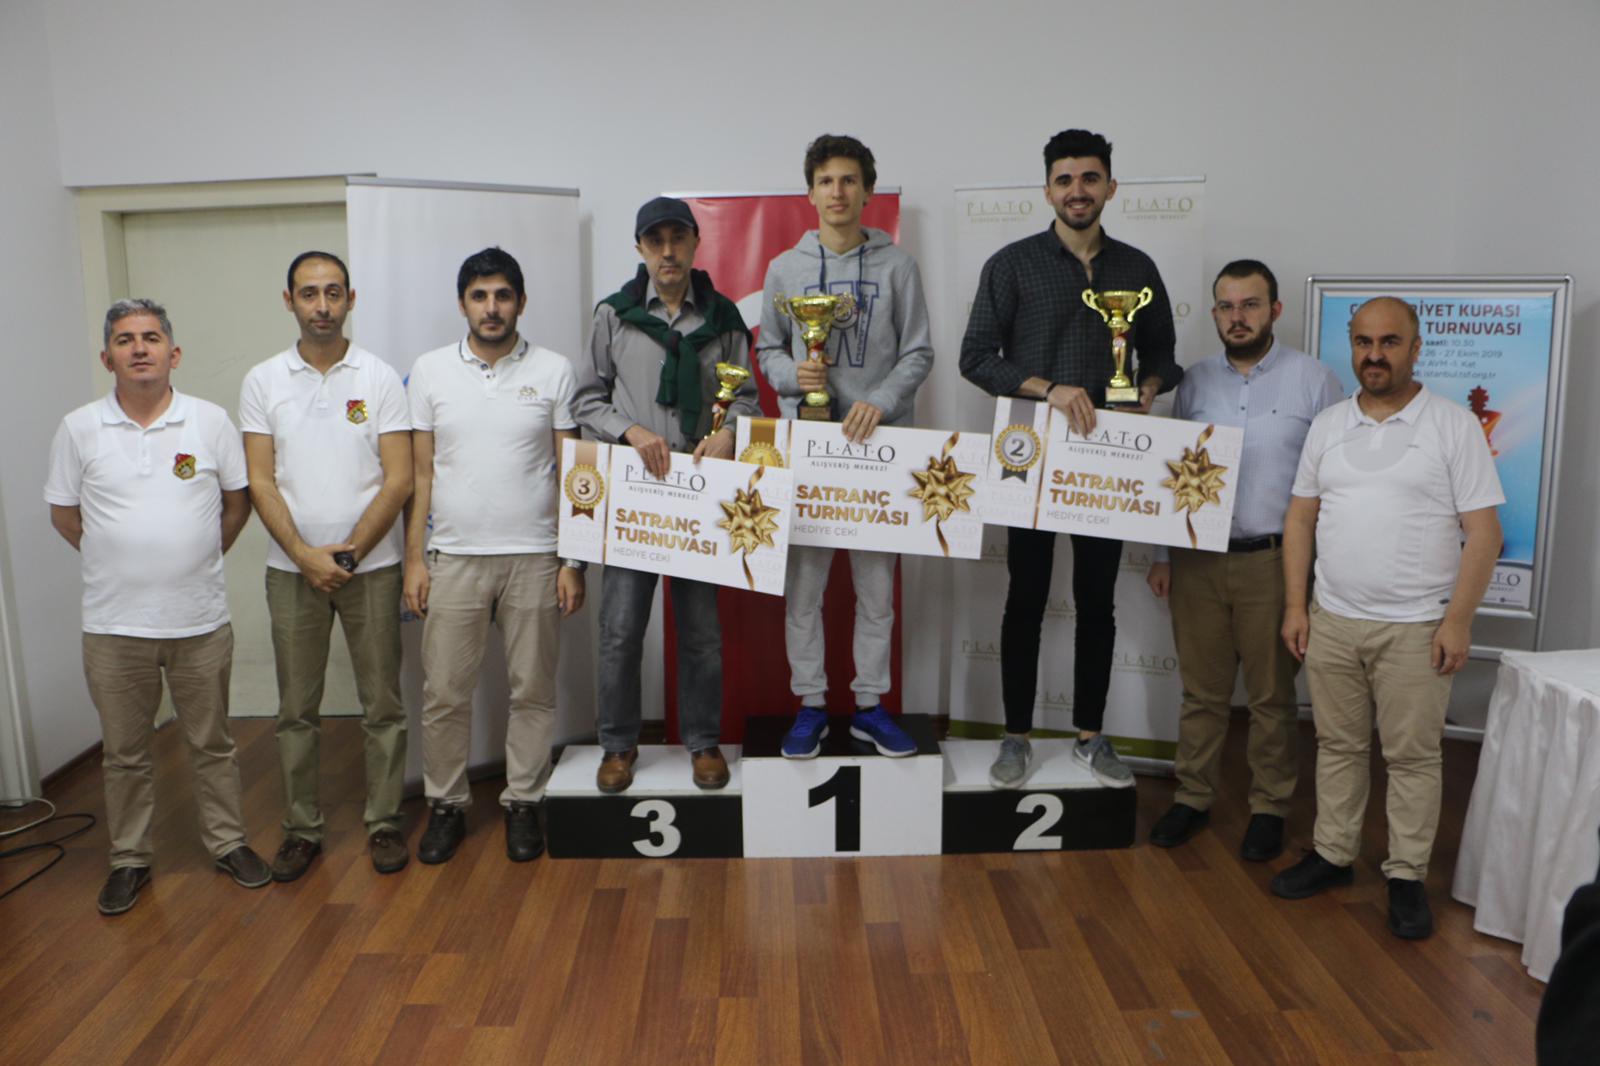 Plato AVM'de Satranç Turnuvası